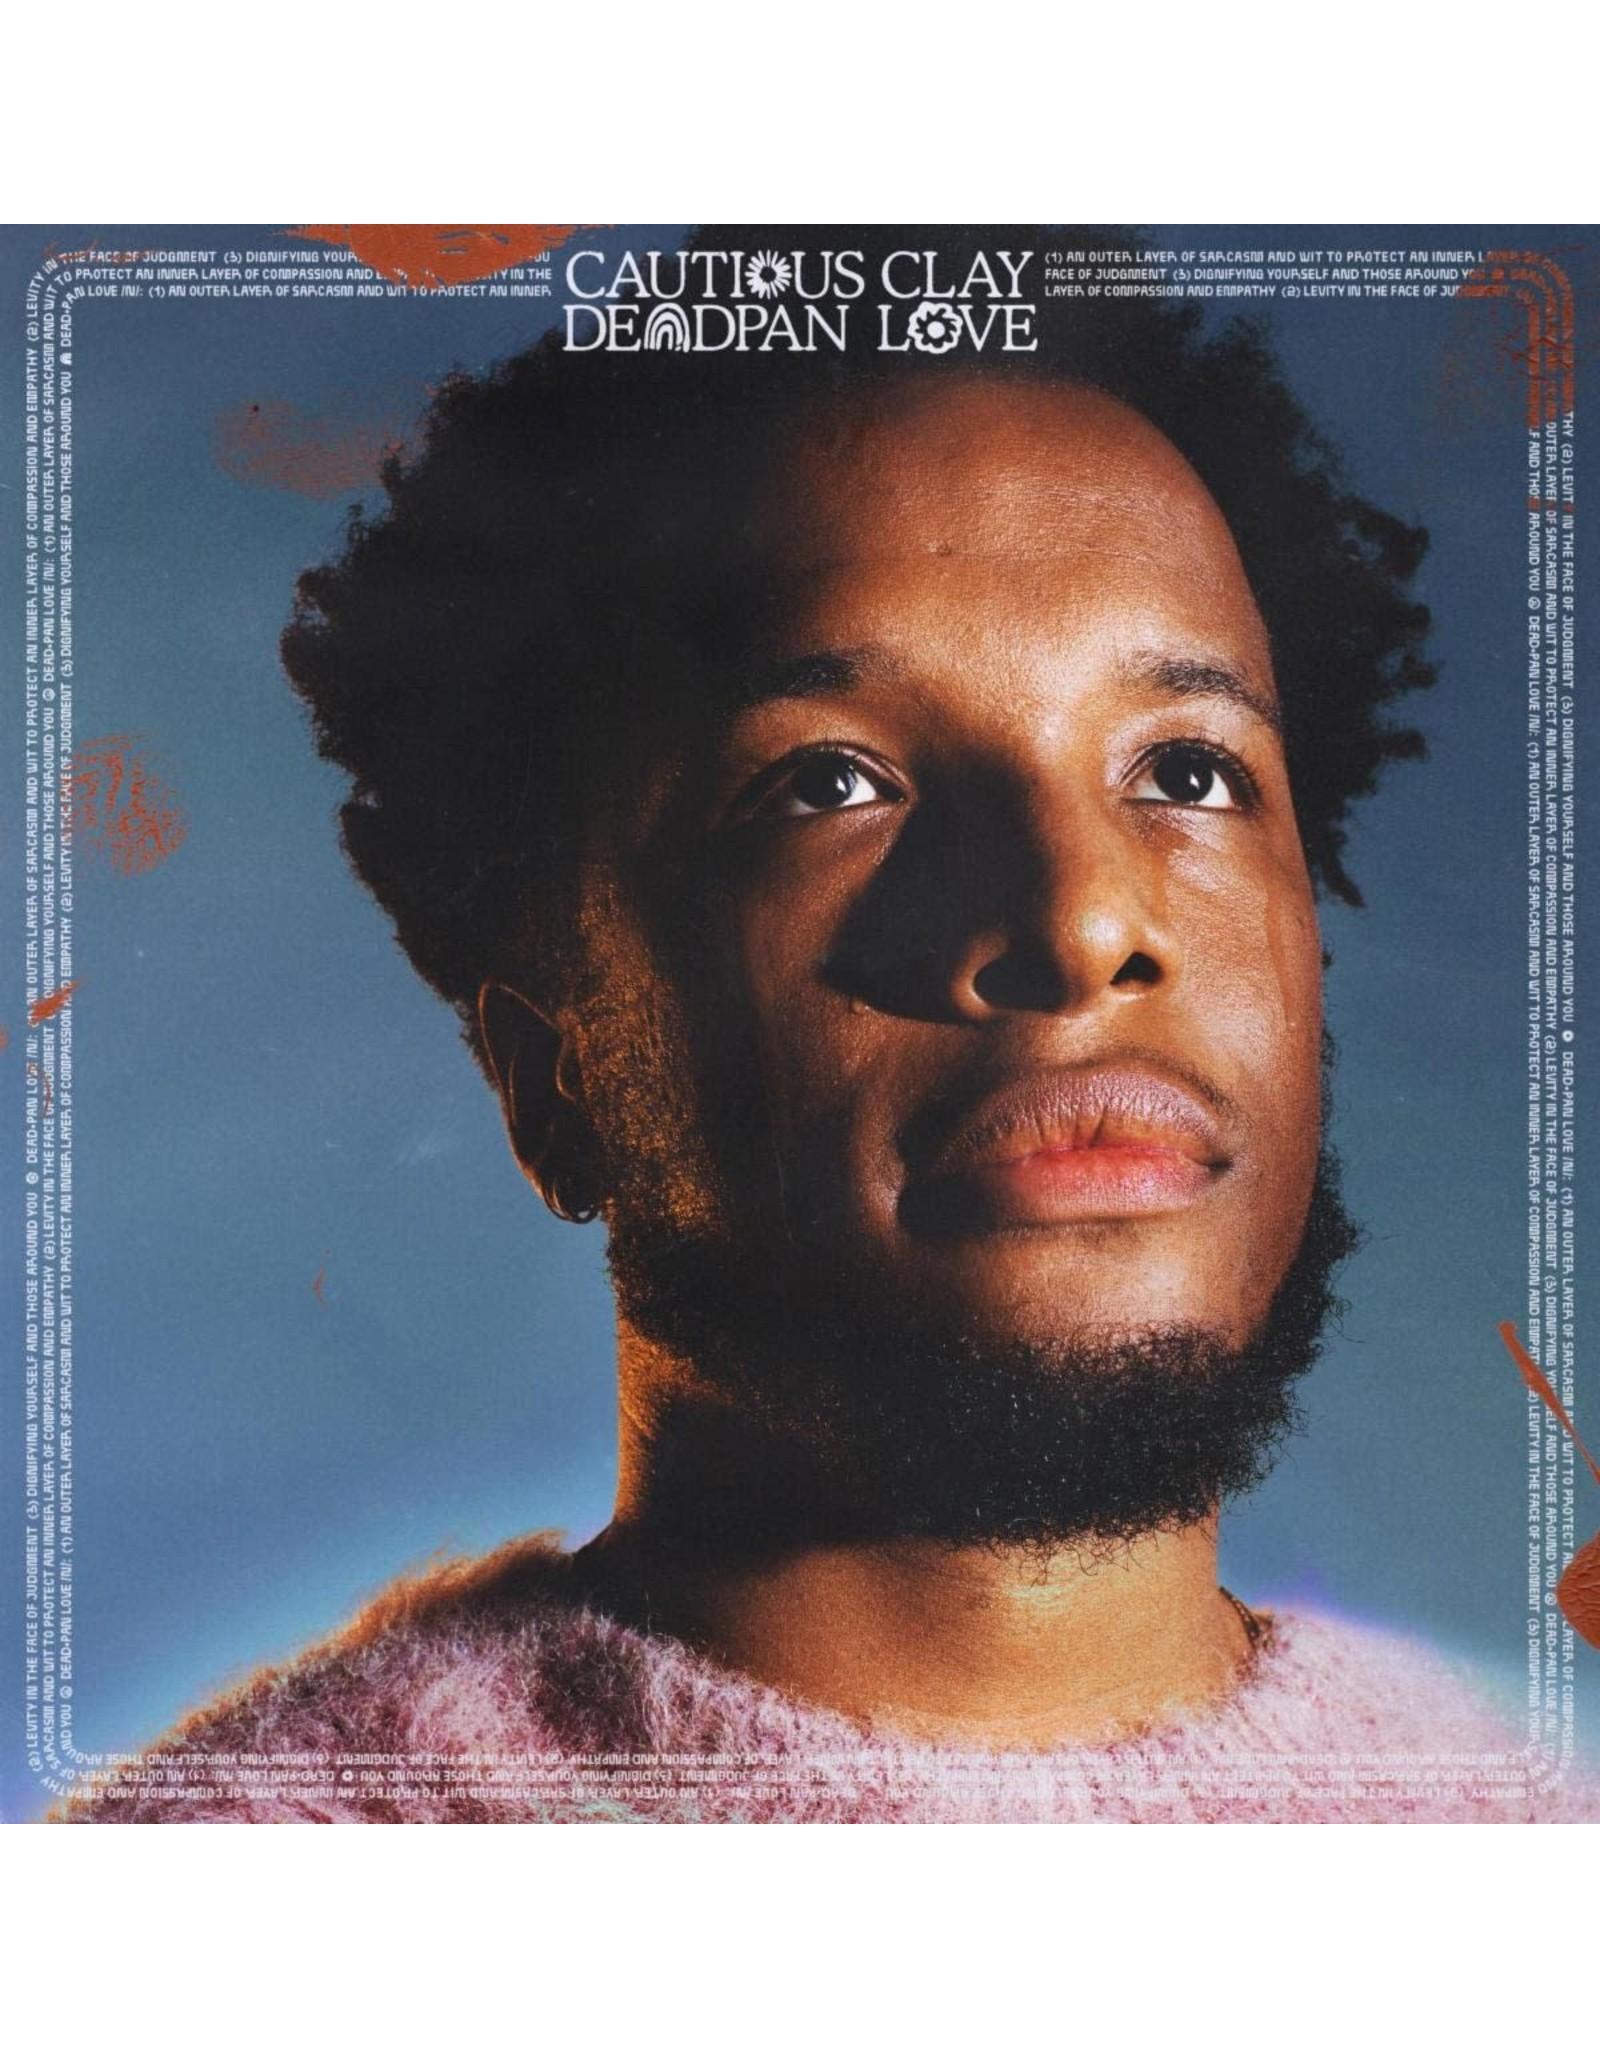 Cautious Clay - Deadpan Love LP